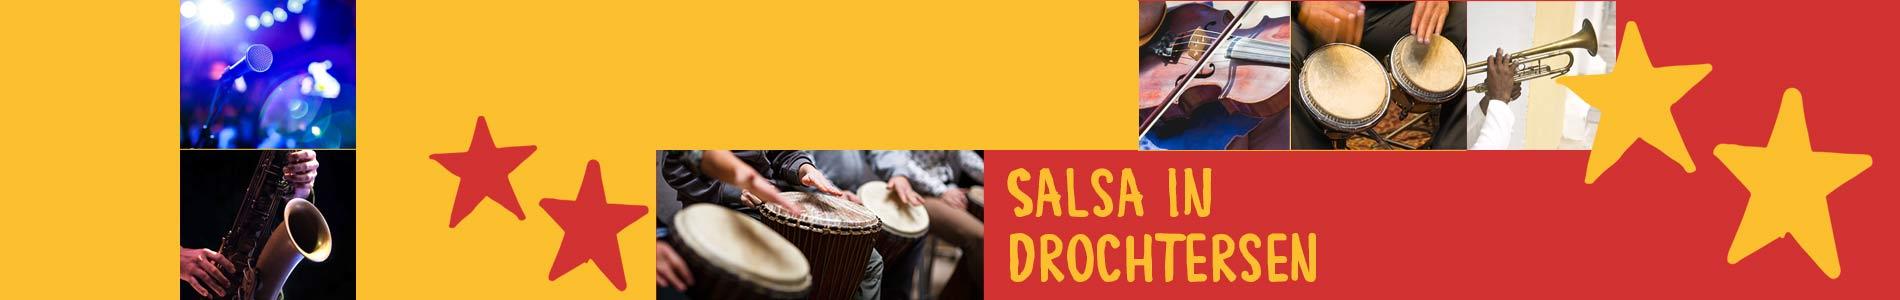 Salsa in Drochtersen – Salsa lernen und tanzen, Tanzkurse, Partys, Veranstaltungen